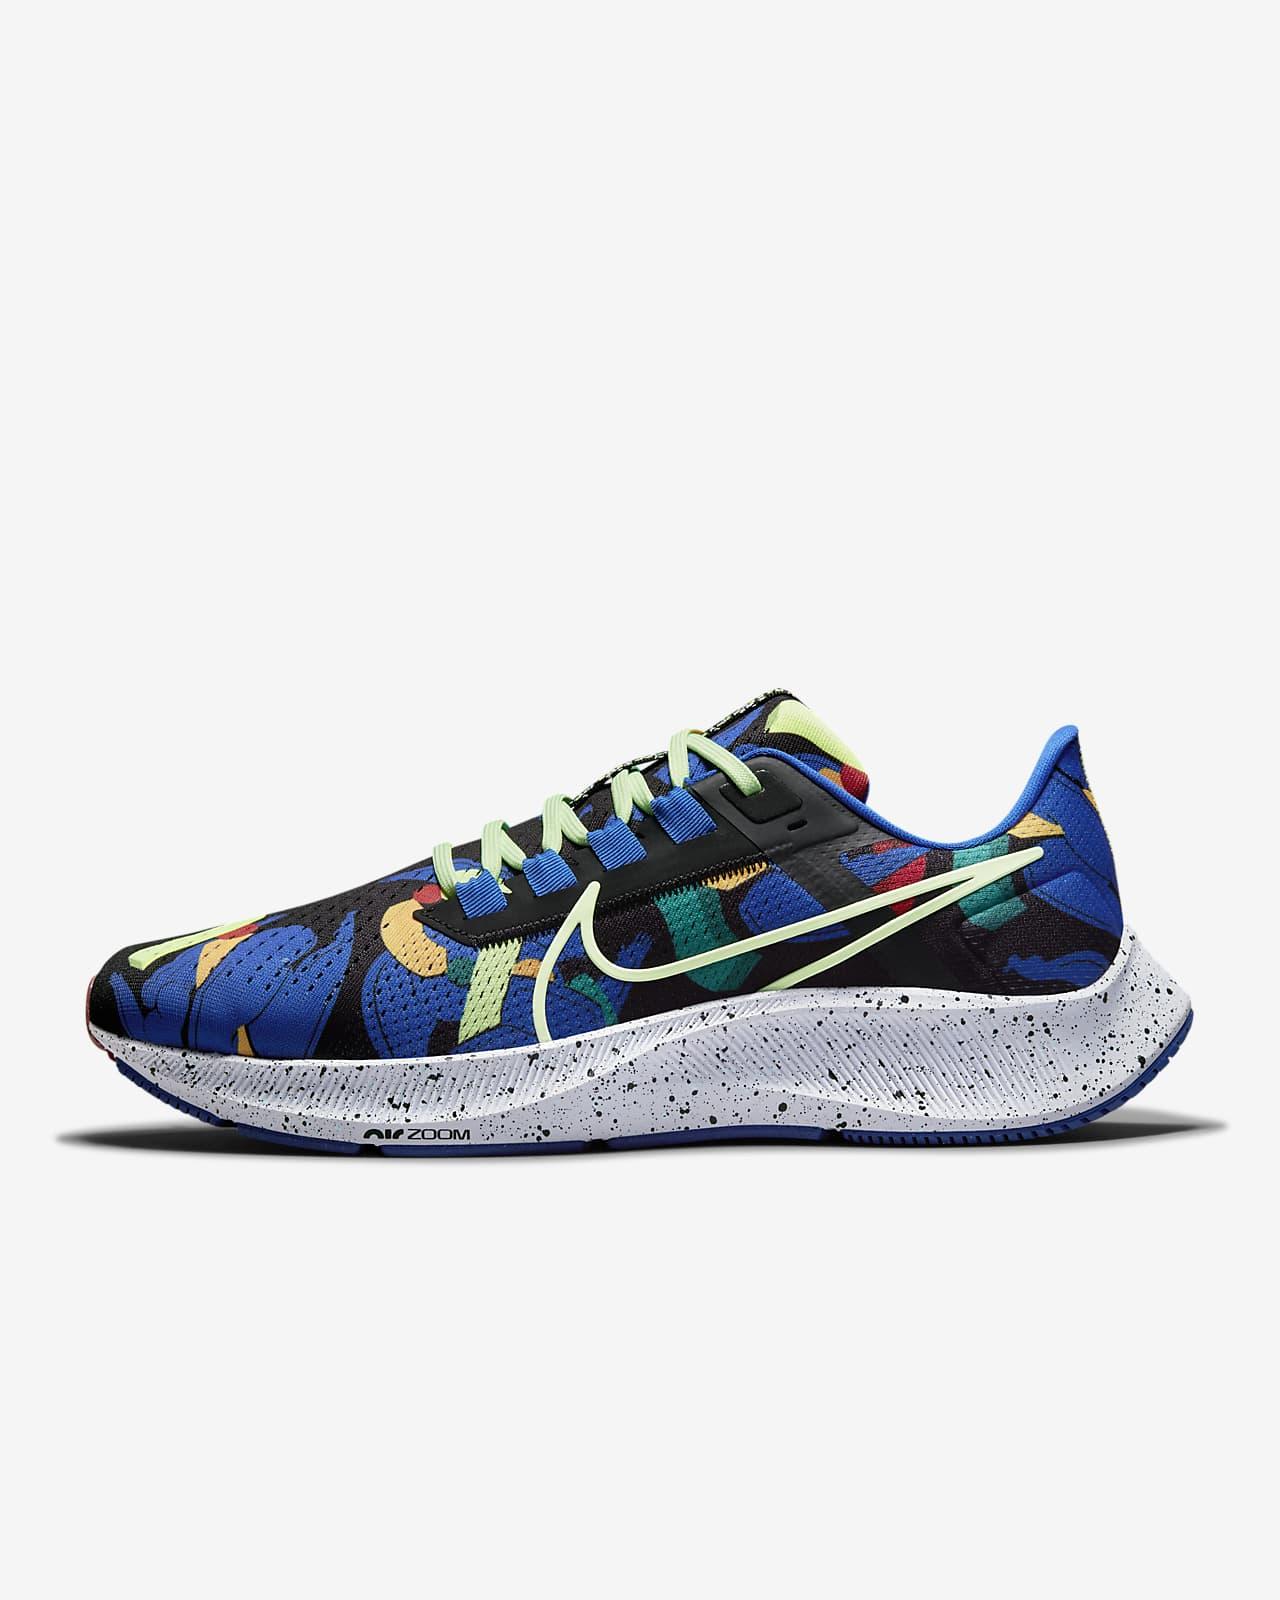 Nike Air Zoom Pegasus 38 A.I.R. Chaussure de running Kelly Anna ...